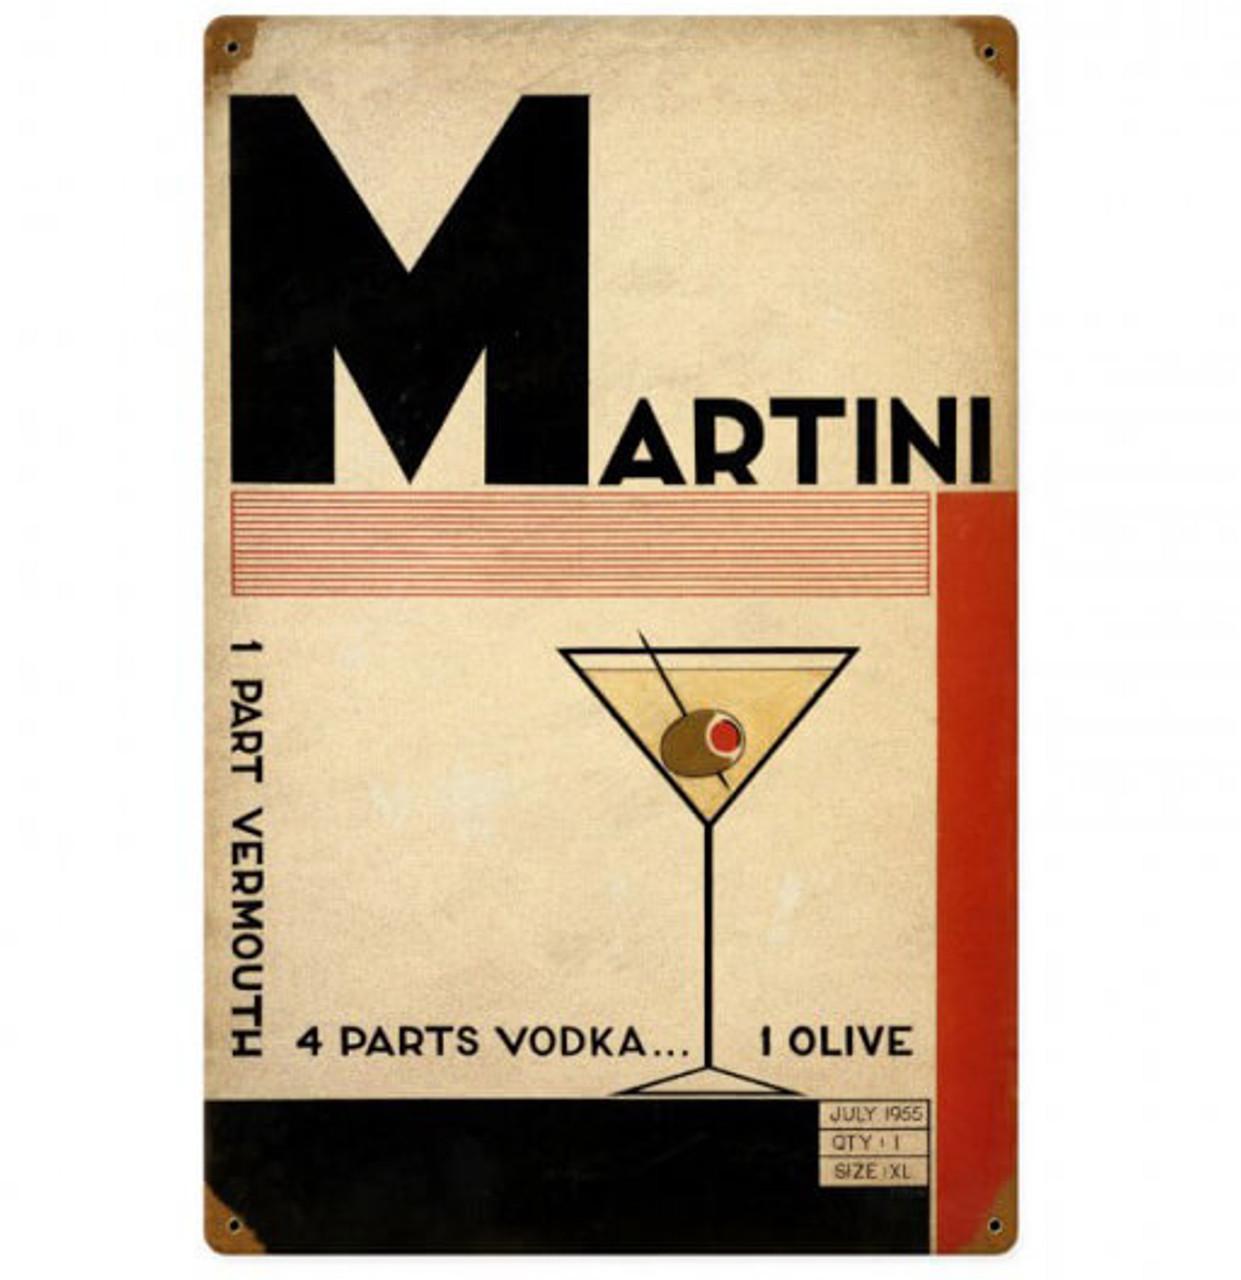 Retro Deco Martini Metal Sign 12 x 18 Inches